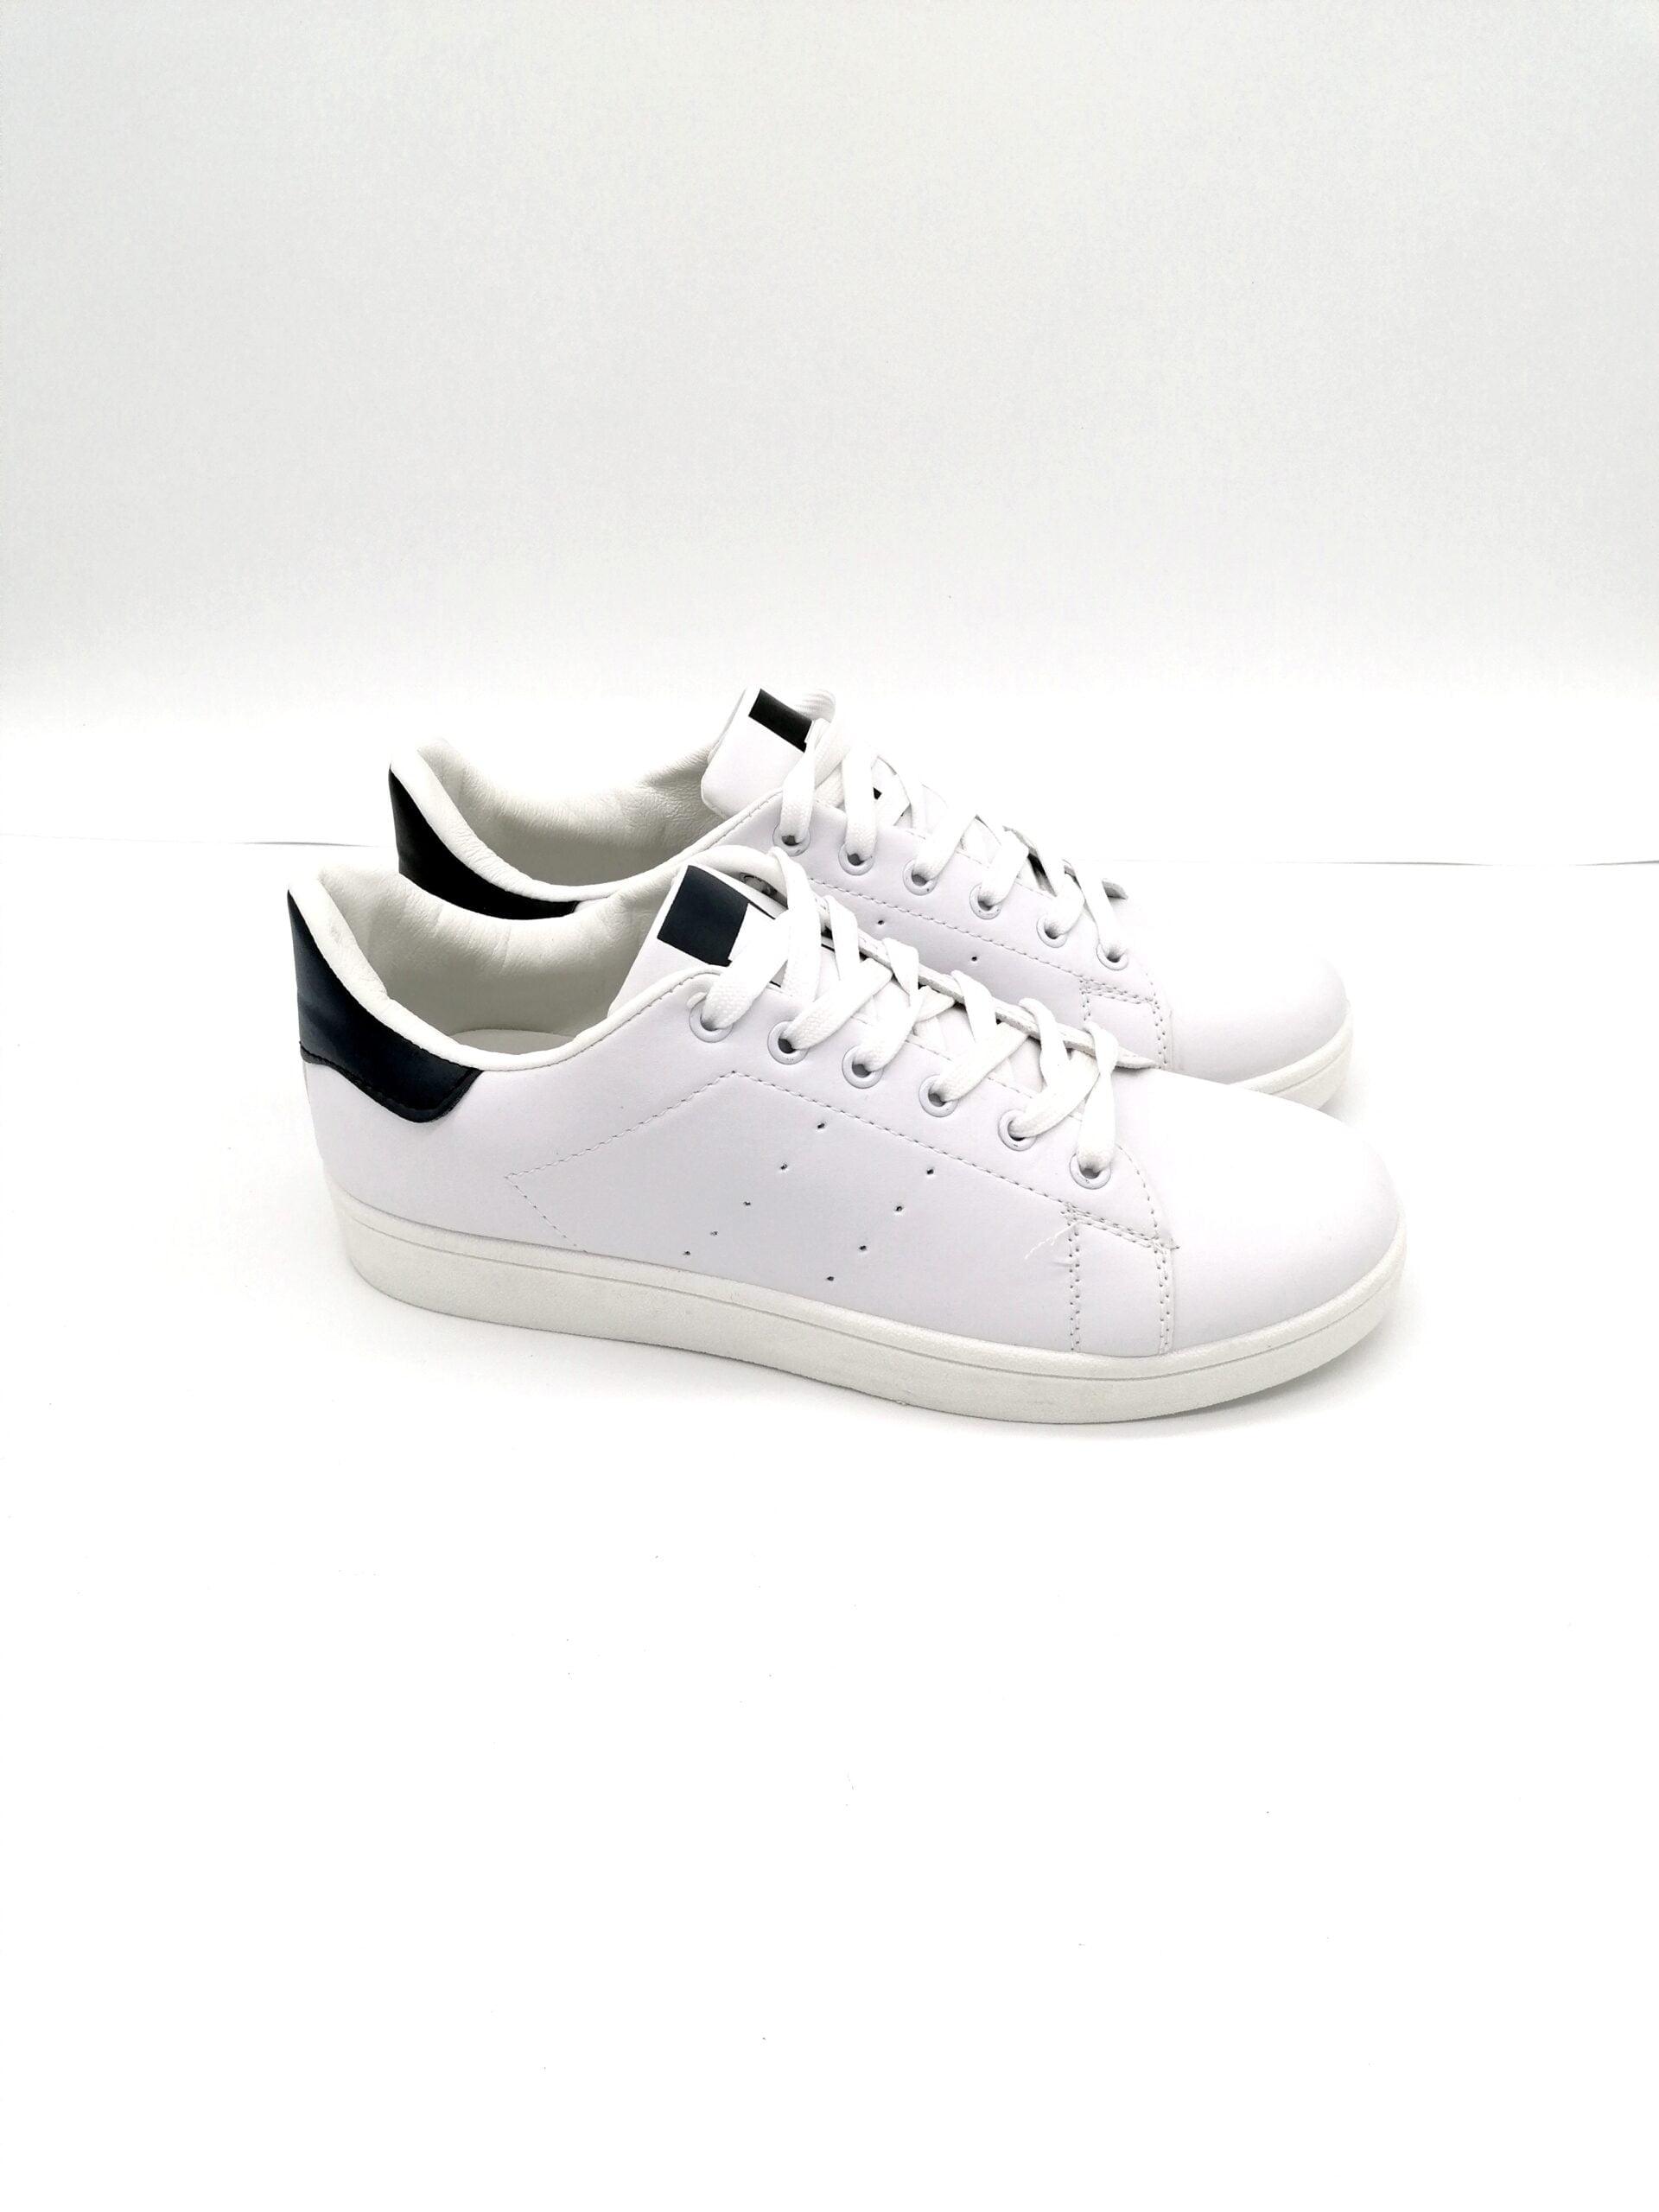 Ανδρικά Sneakers White-Black